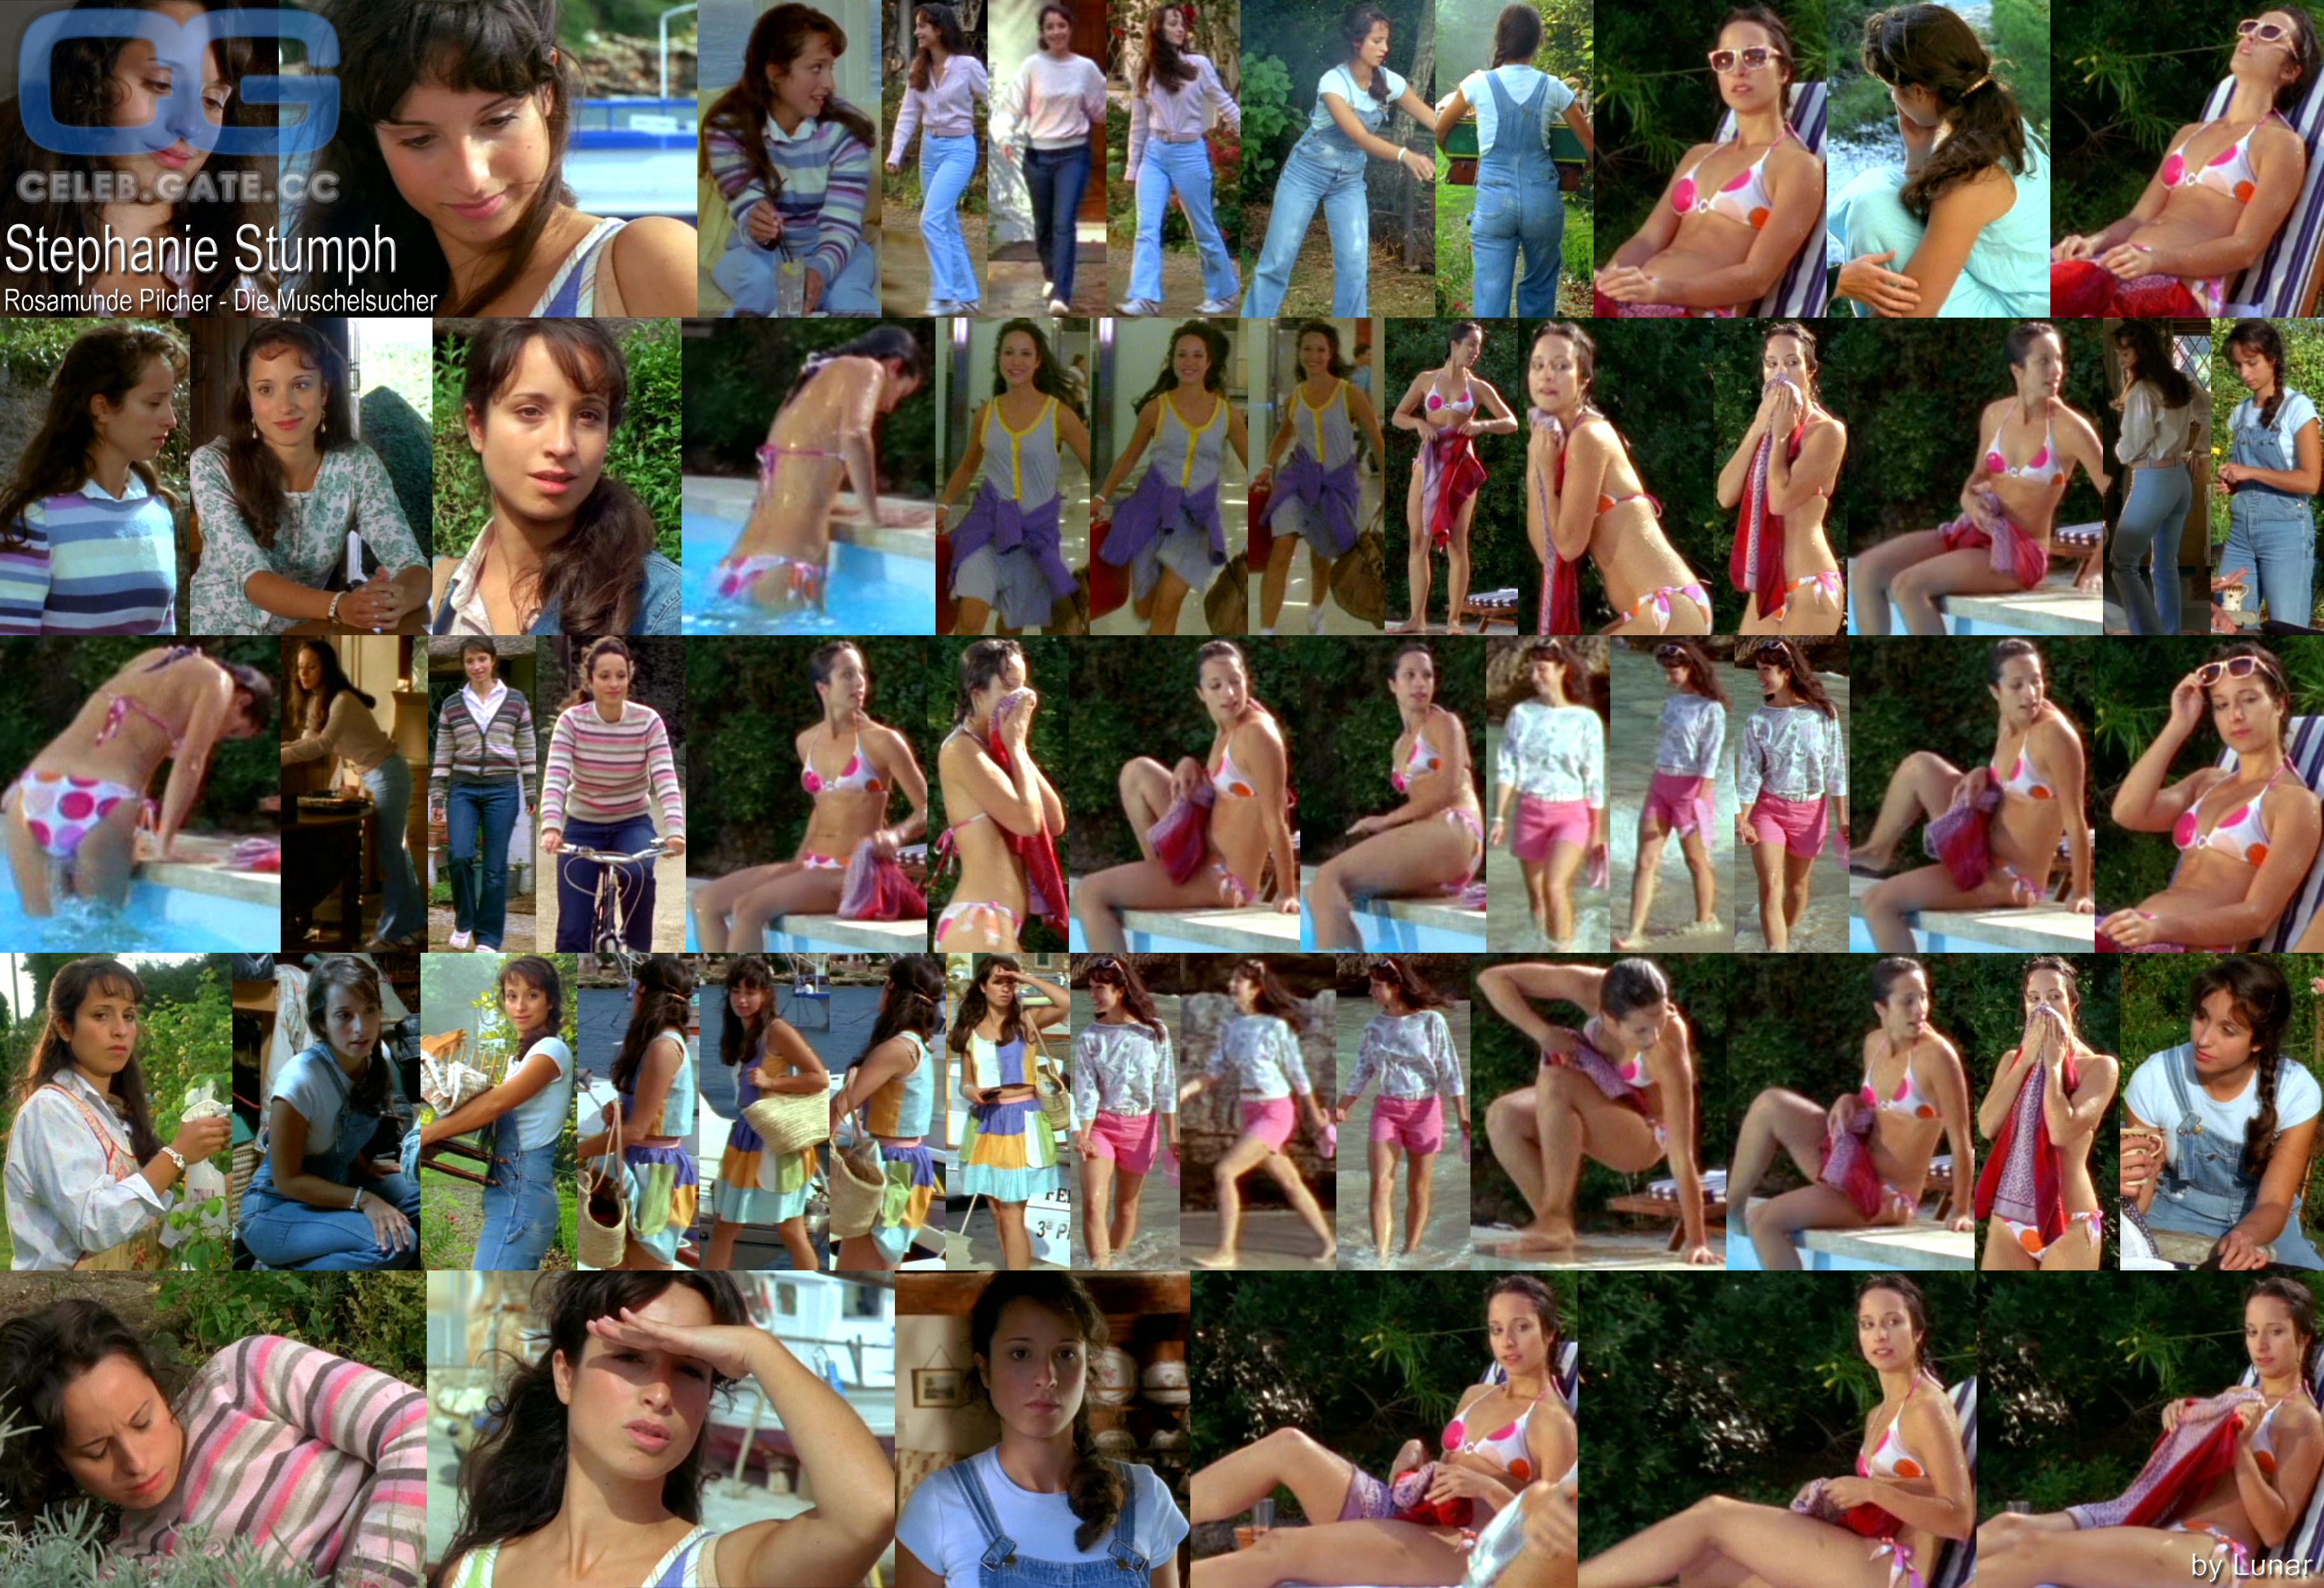 Stumph nude stephanie Stephanie Stumph